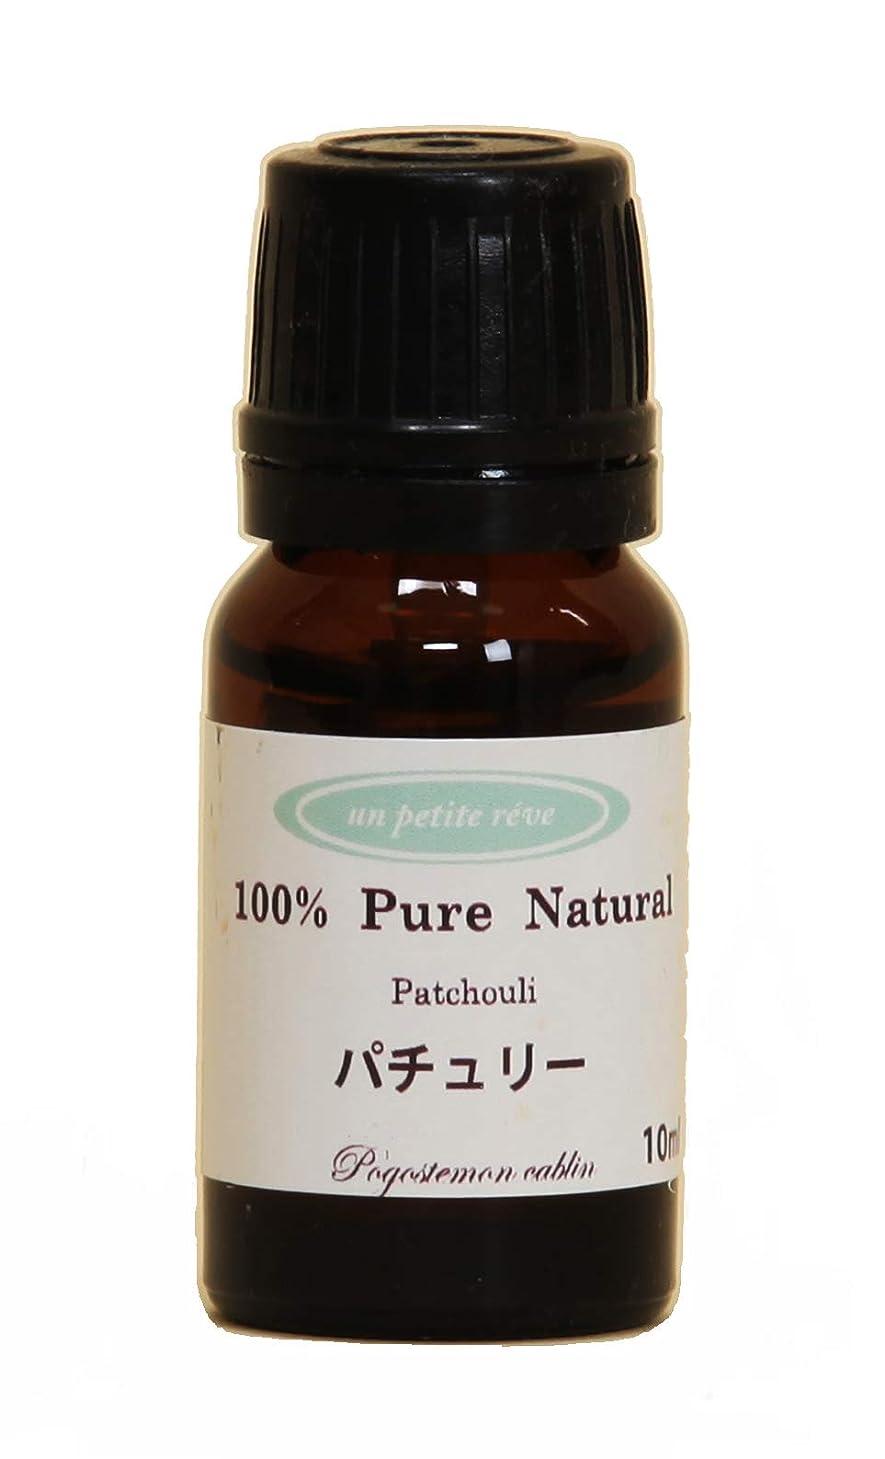 テレマコス恐ろしい見習いパチュリー  10ml 100%天然アロマエッセンシャルオイル(精油)